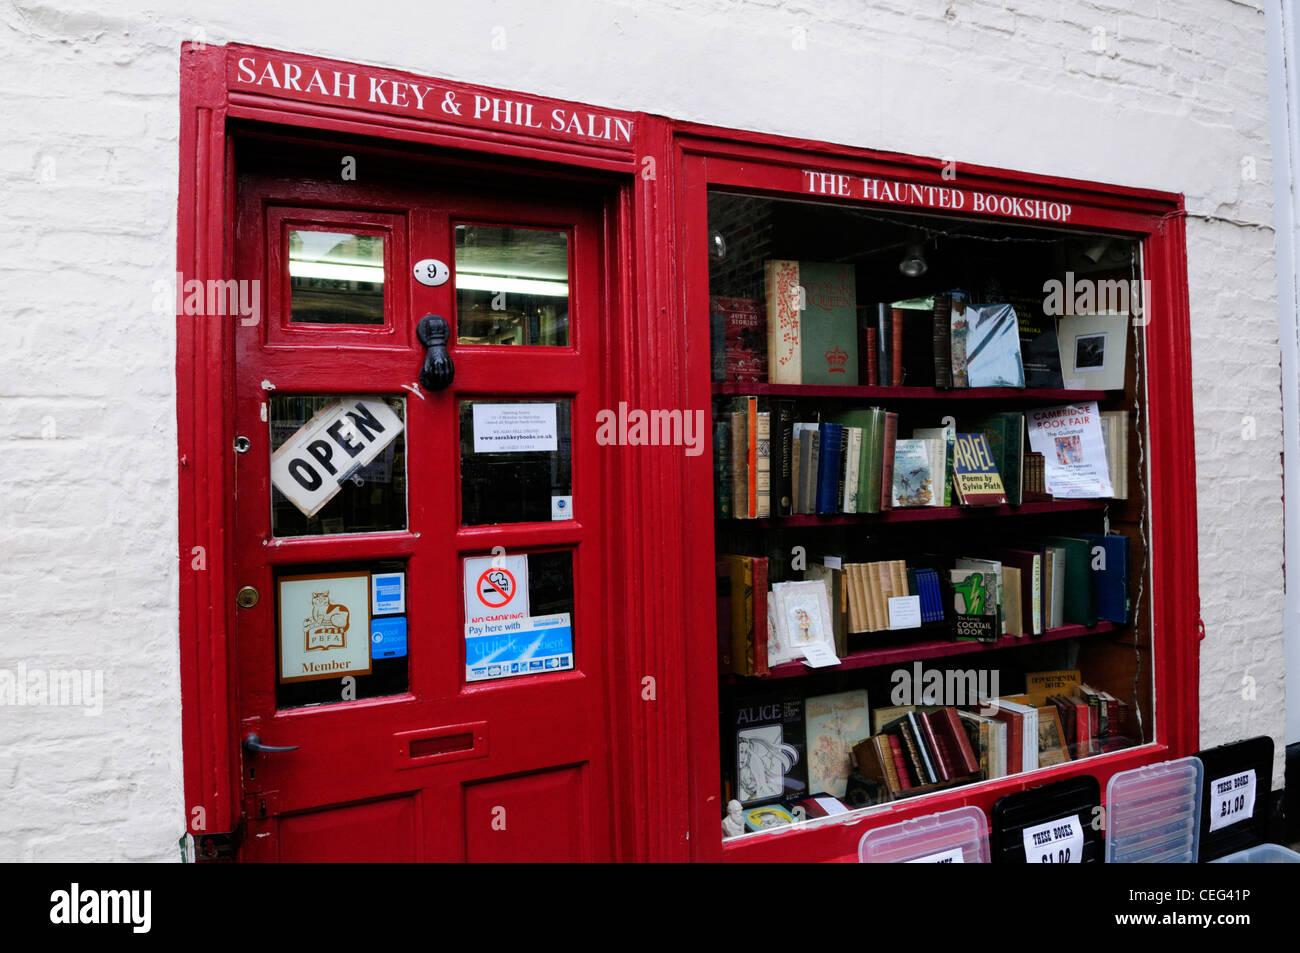 The Haunted Bookshop, St Edward's Passage, Cambridge, England, UK Photo Stock